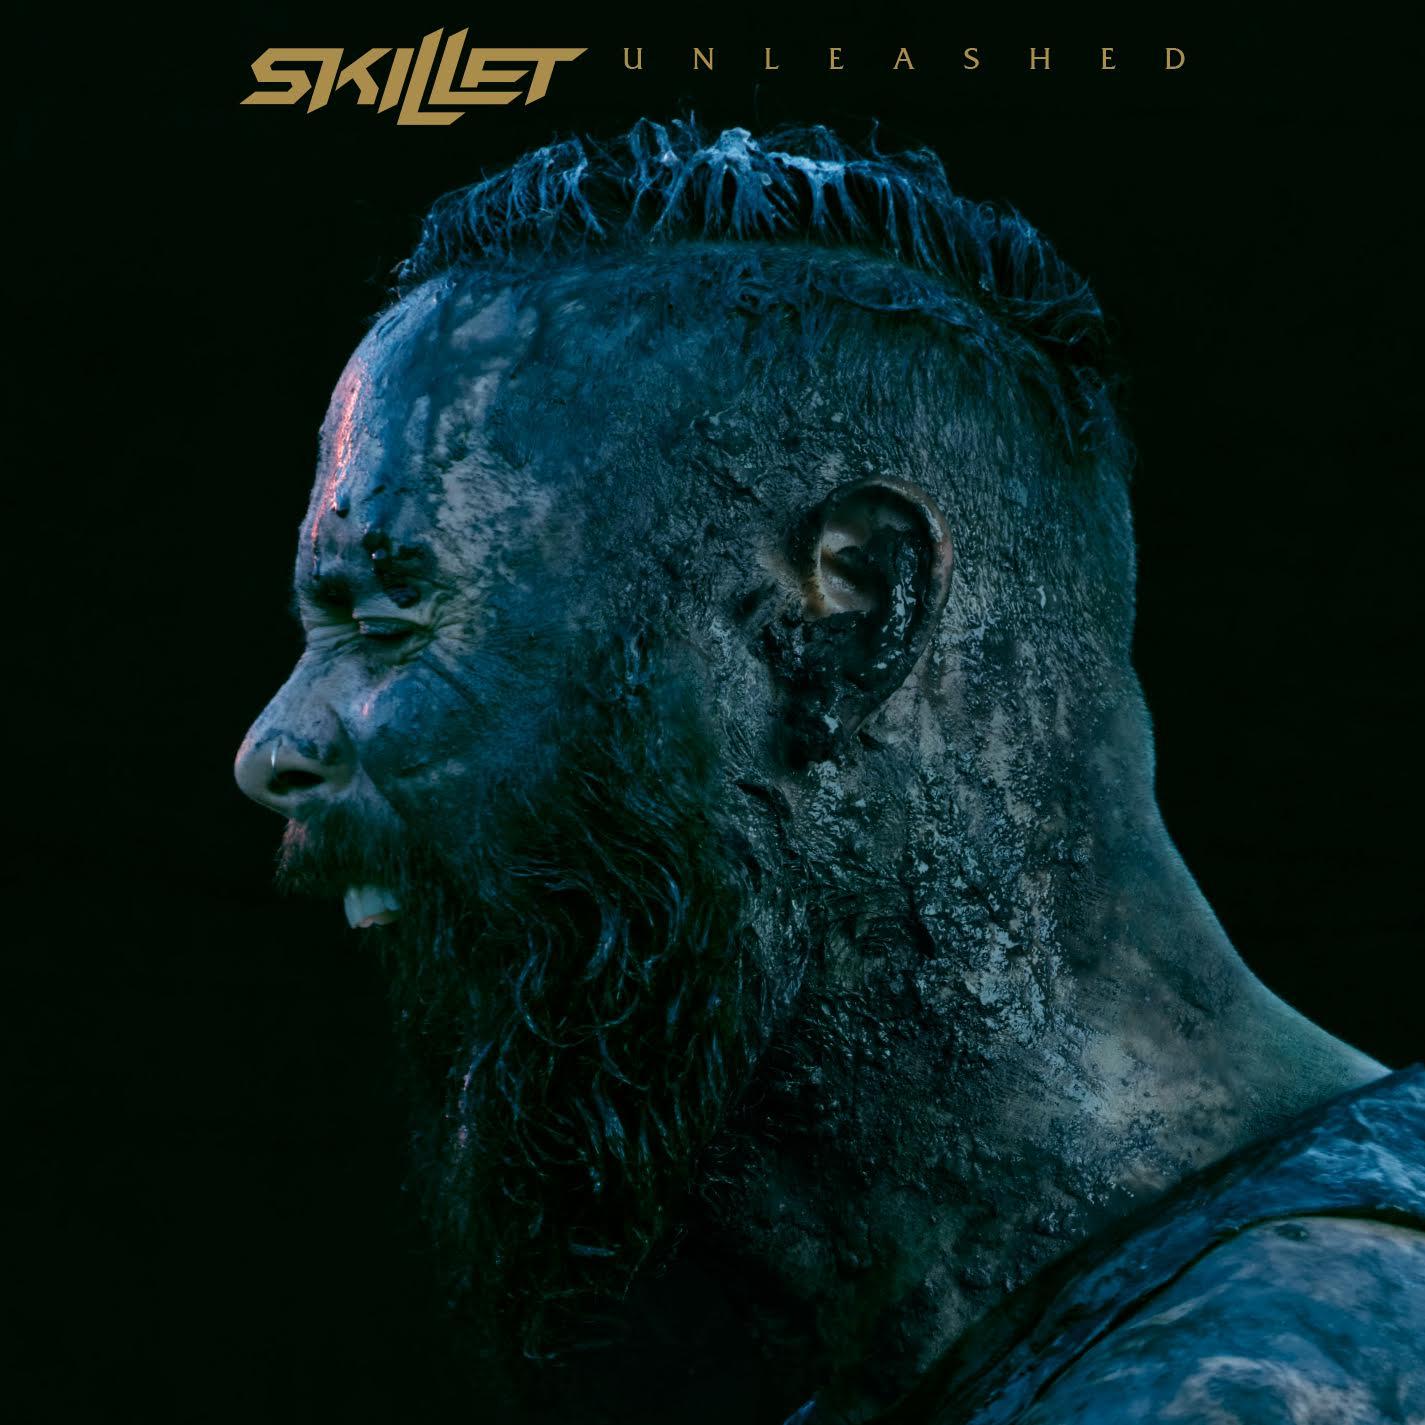 skillet-unleashed-cover.jpg